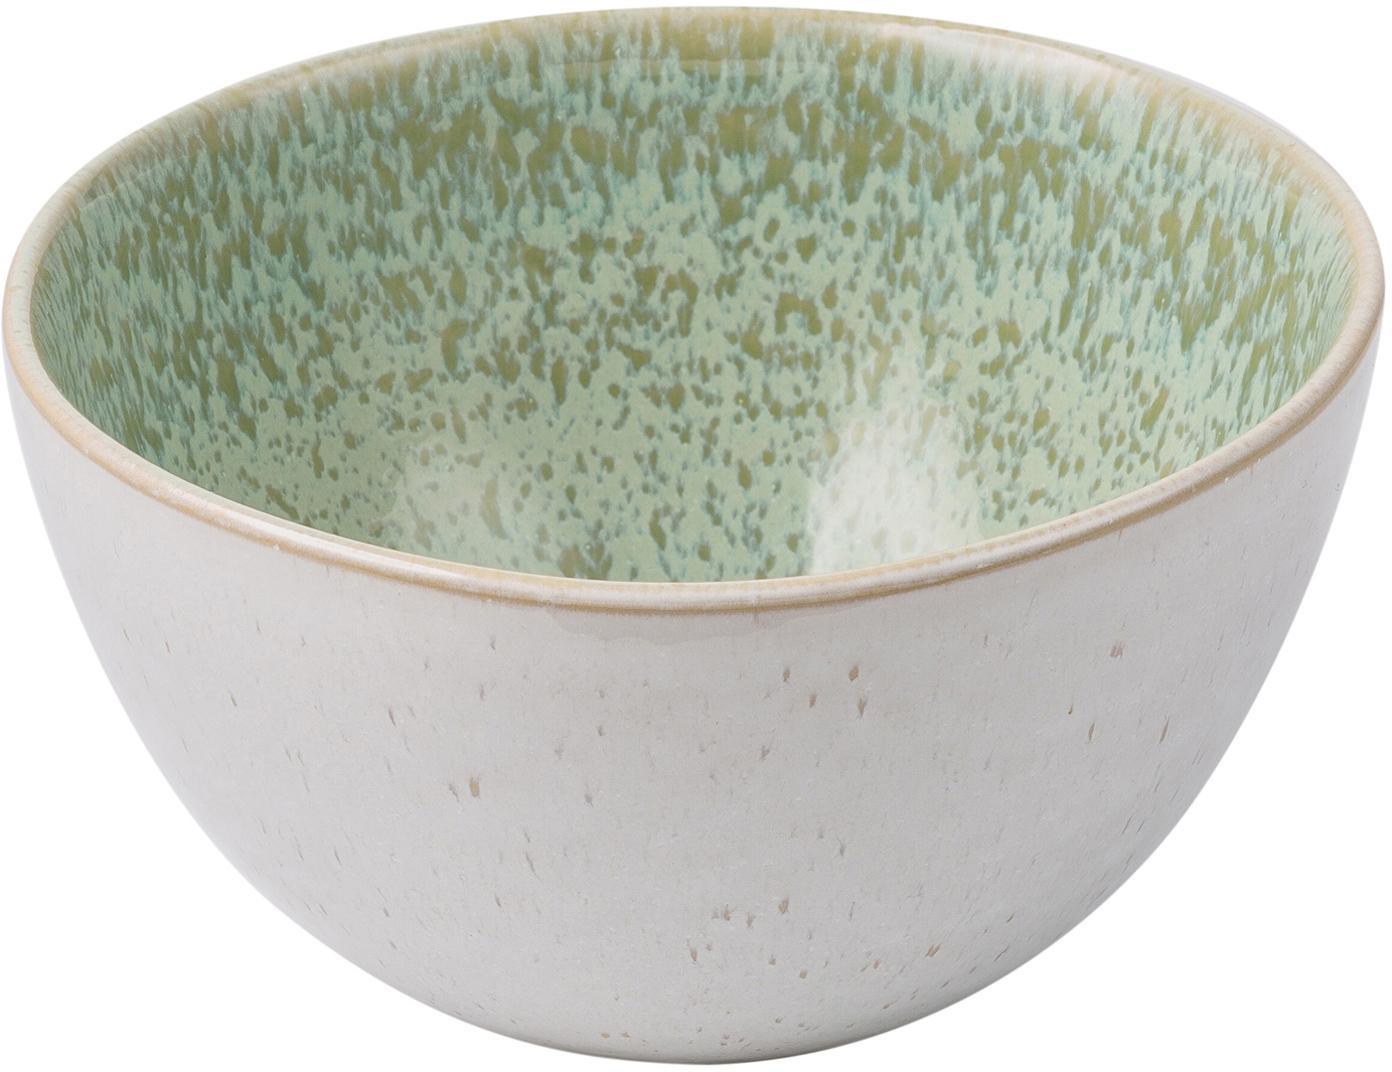 Handbemalte Schälchen Areia mit reaktiver Glasur, 2 Stück, Steingut, Mint, Gebrochenes Weiss, Beige, Ø 15 x H 8 cm